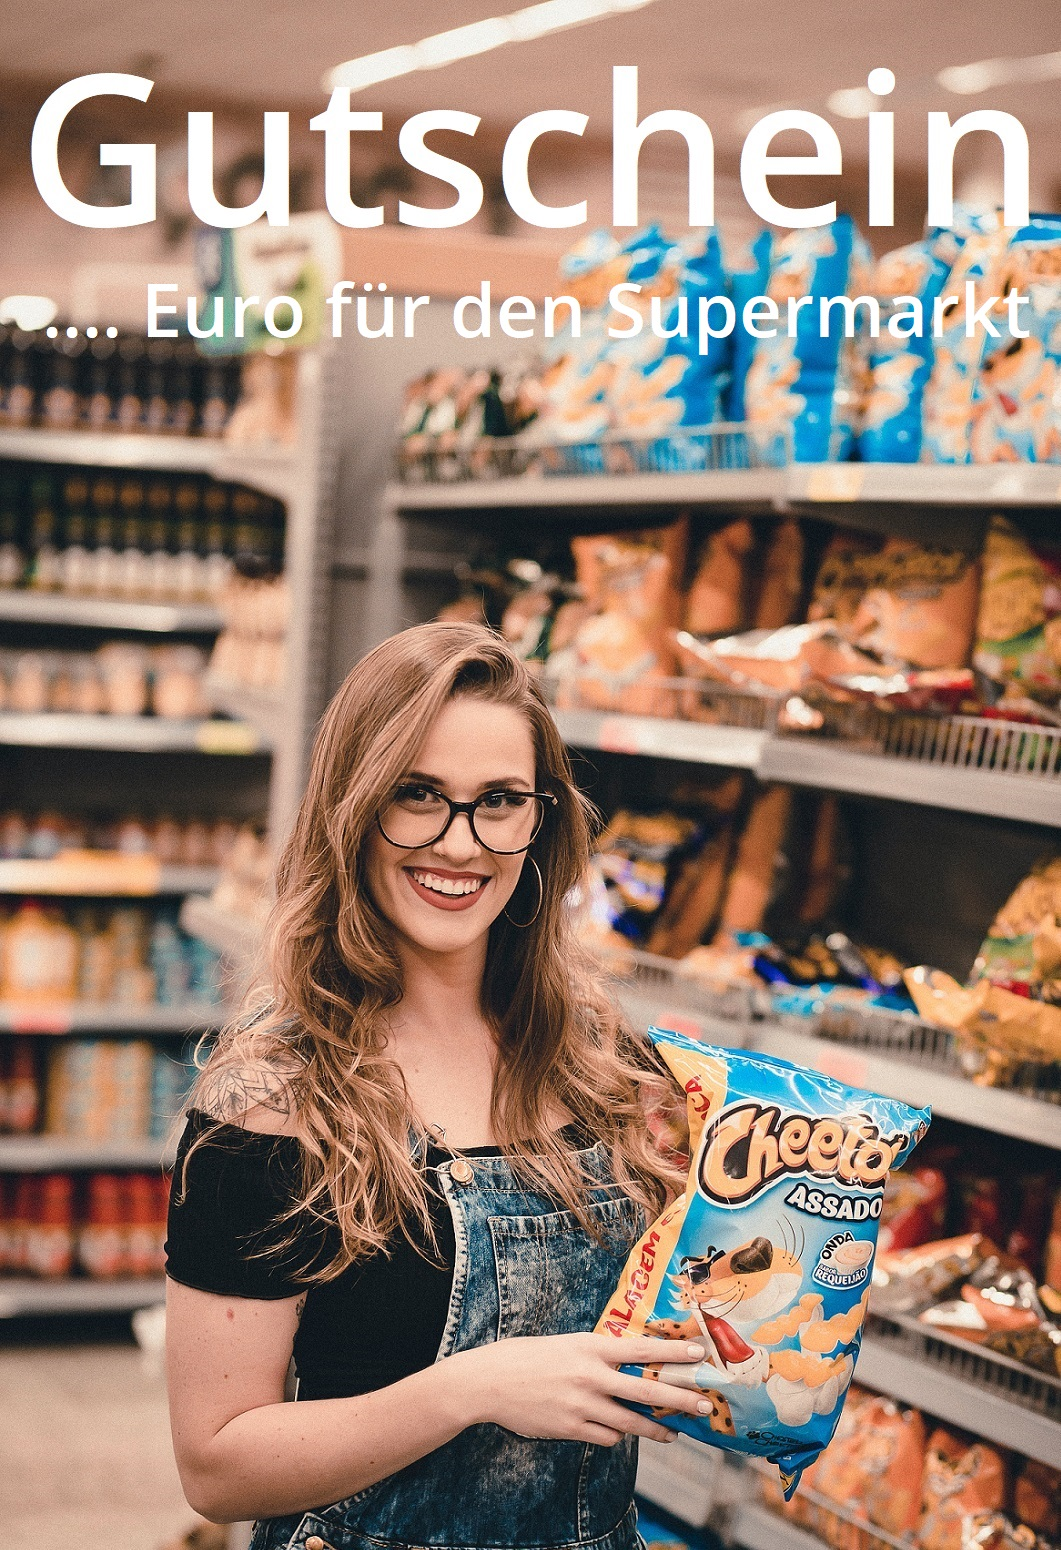 Gutscheinvorlage für Supermärkte